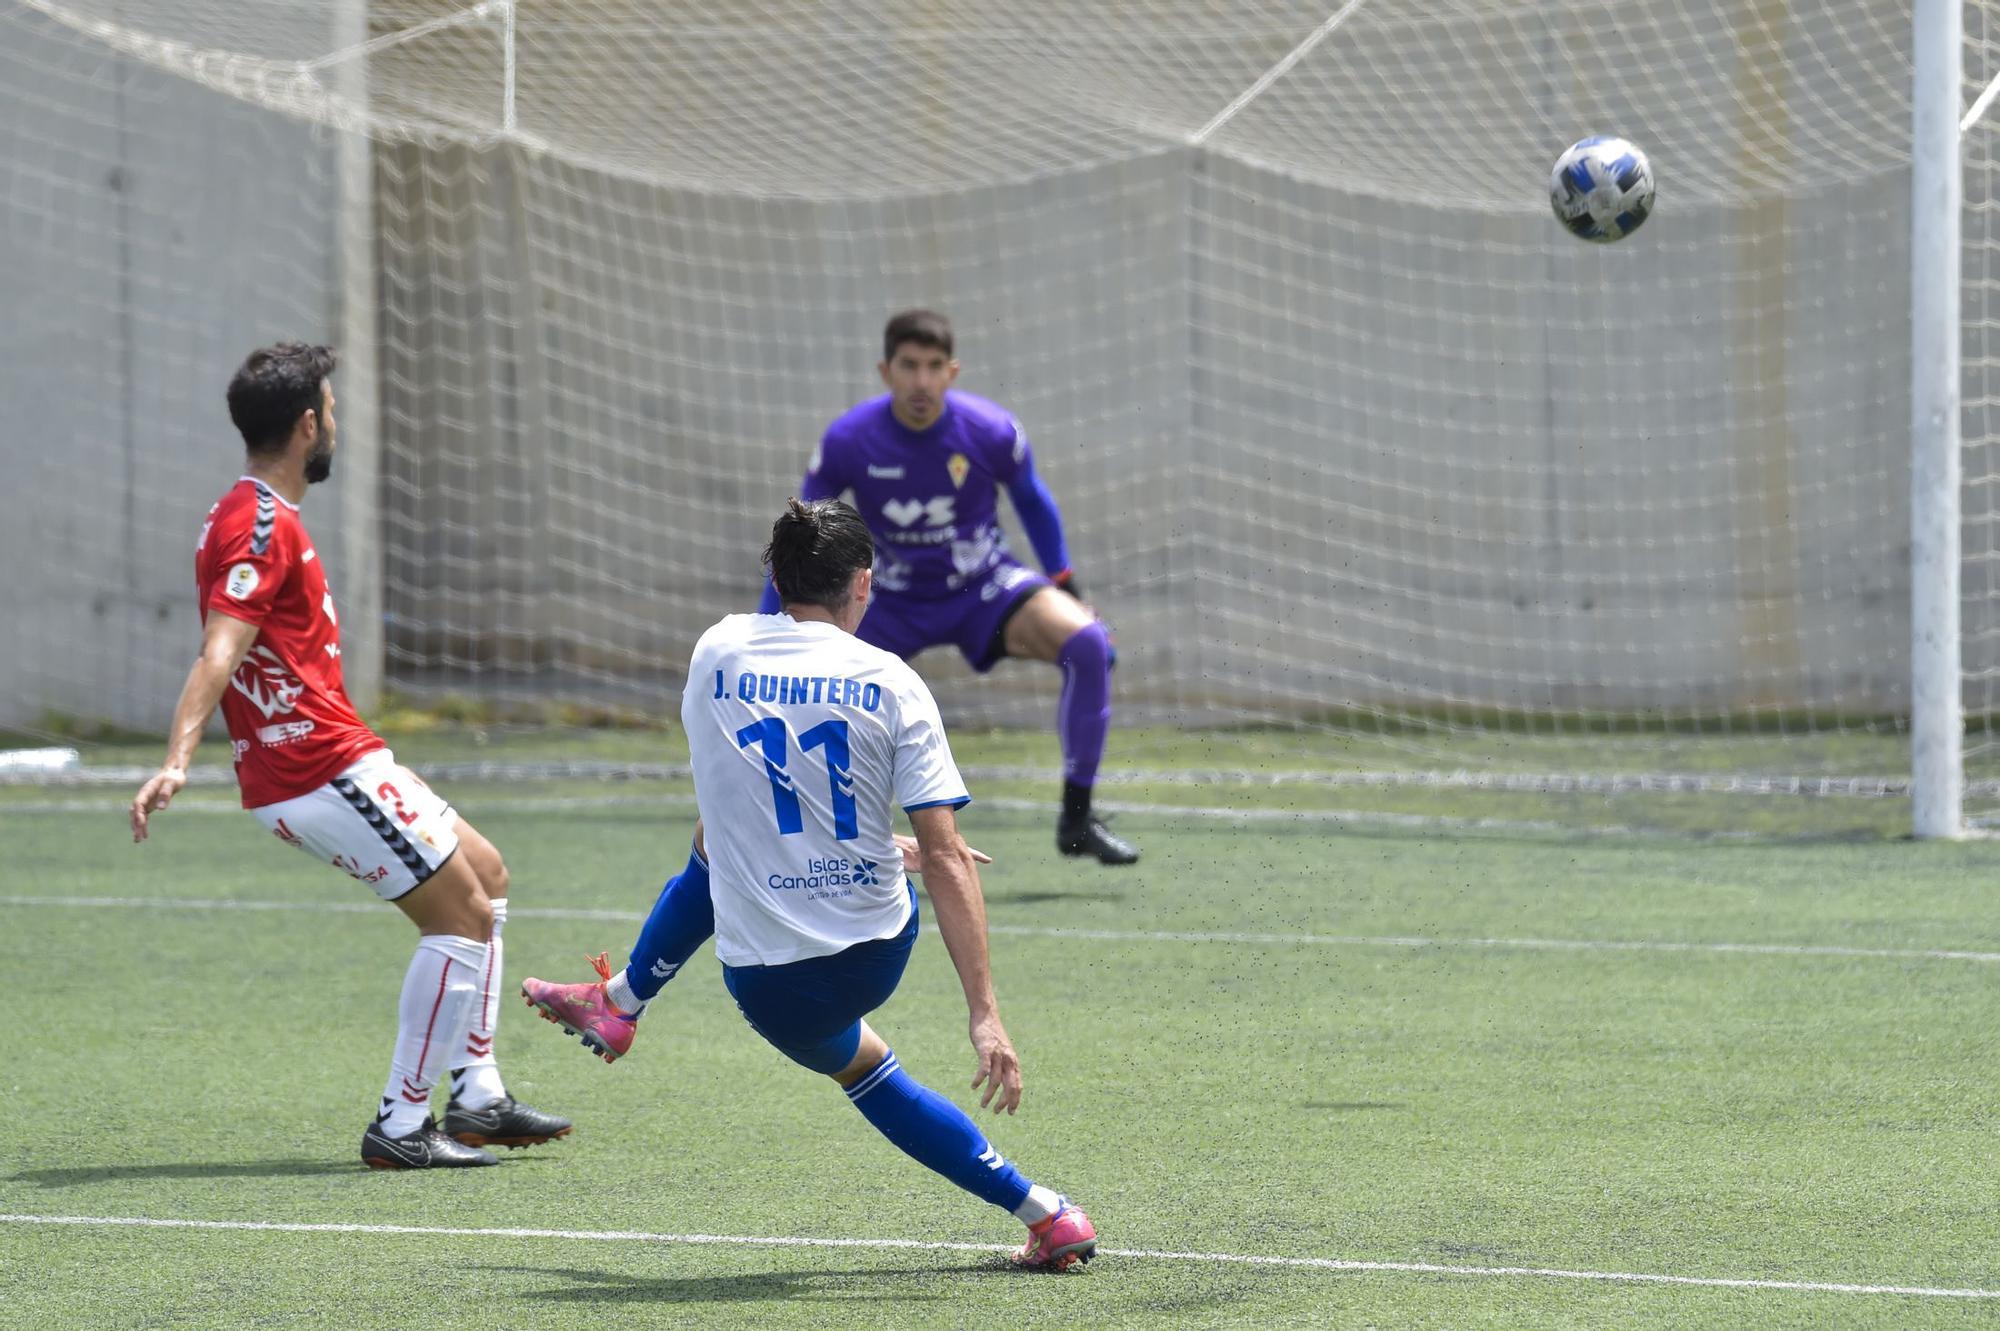 Segunda B: Tamaraceite - Murcia